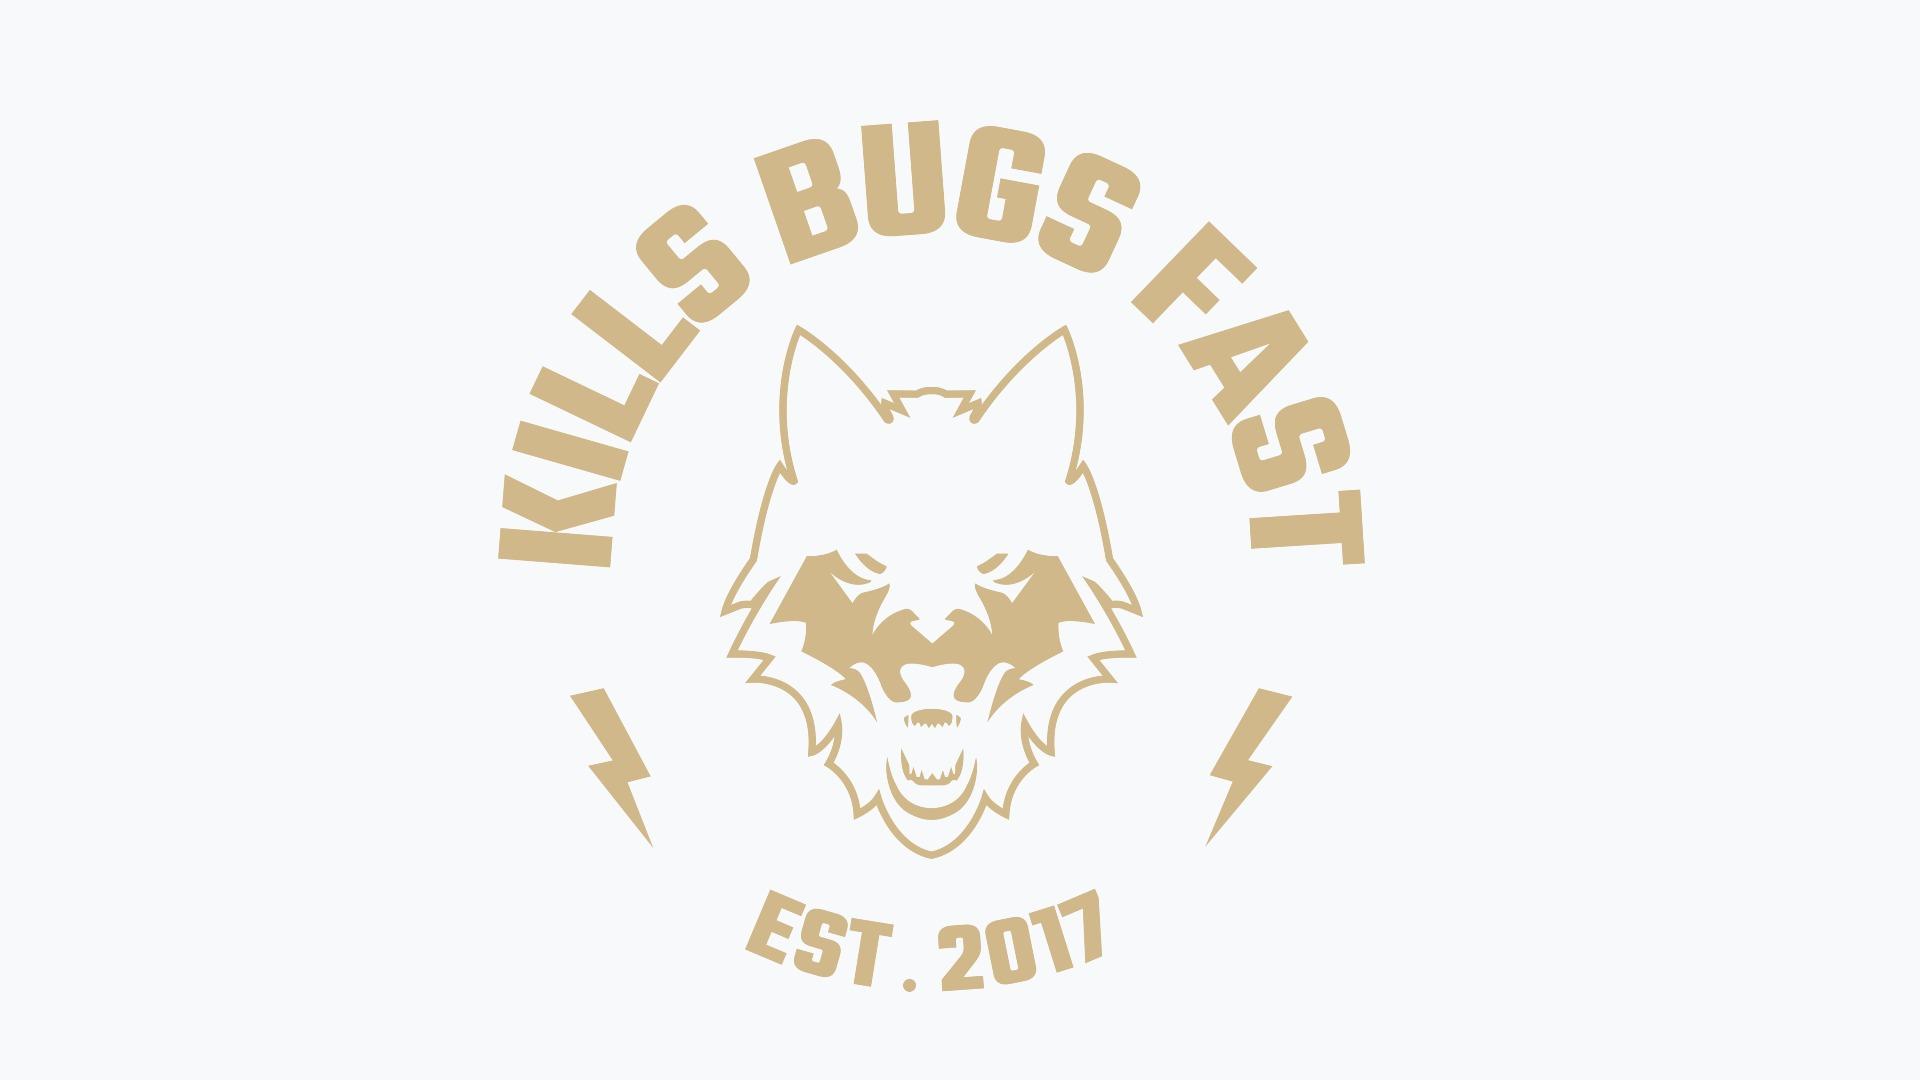 Kills-bugs-fast-Fullskjerm.jpg